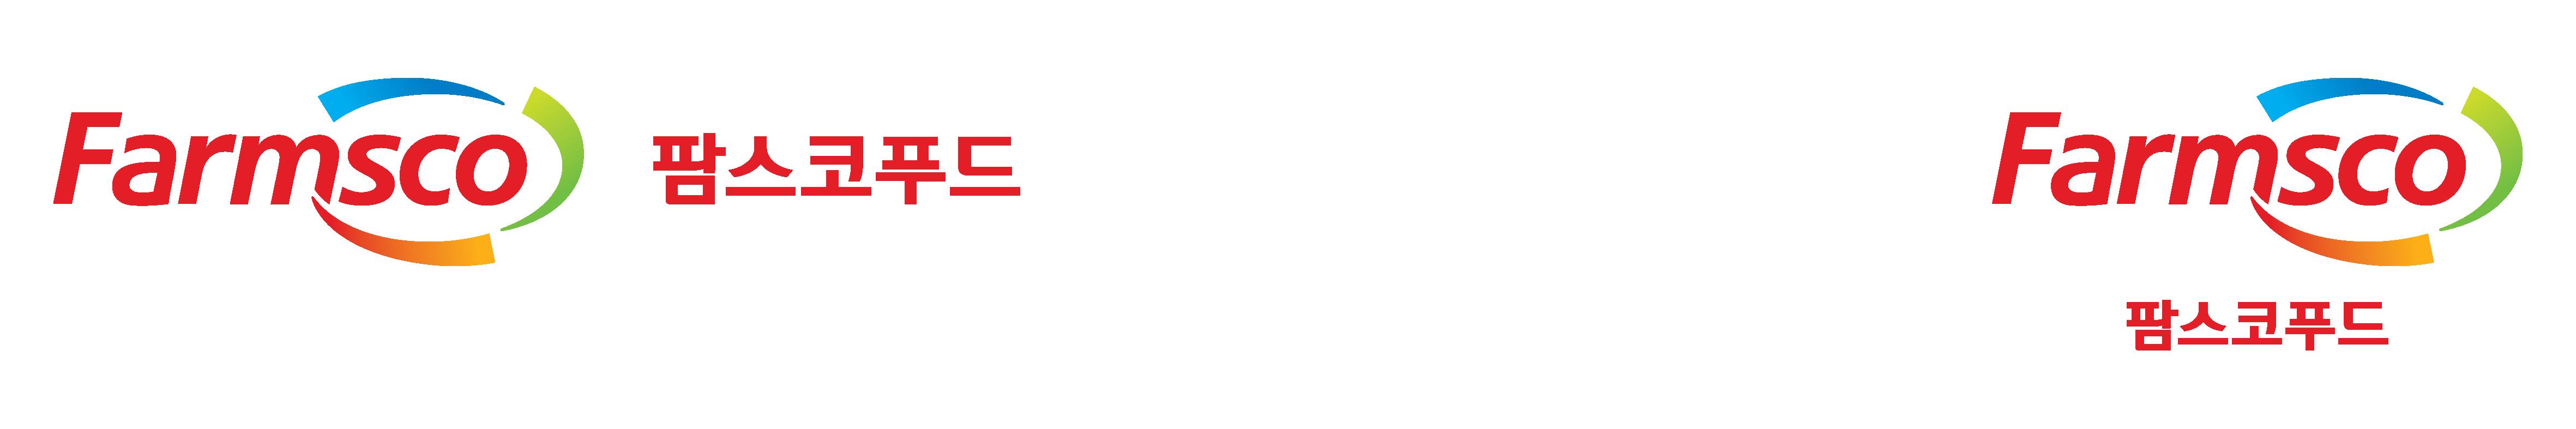 하림의 계열사 (주)팜스코푸드의 로고